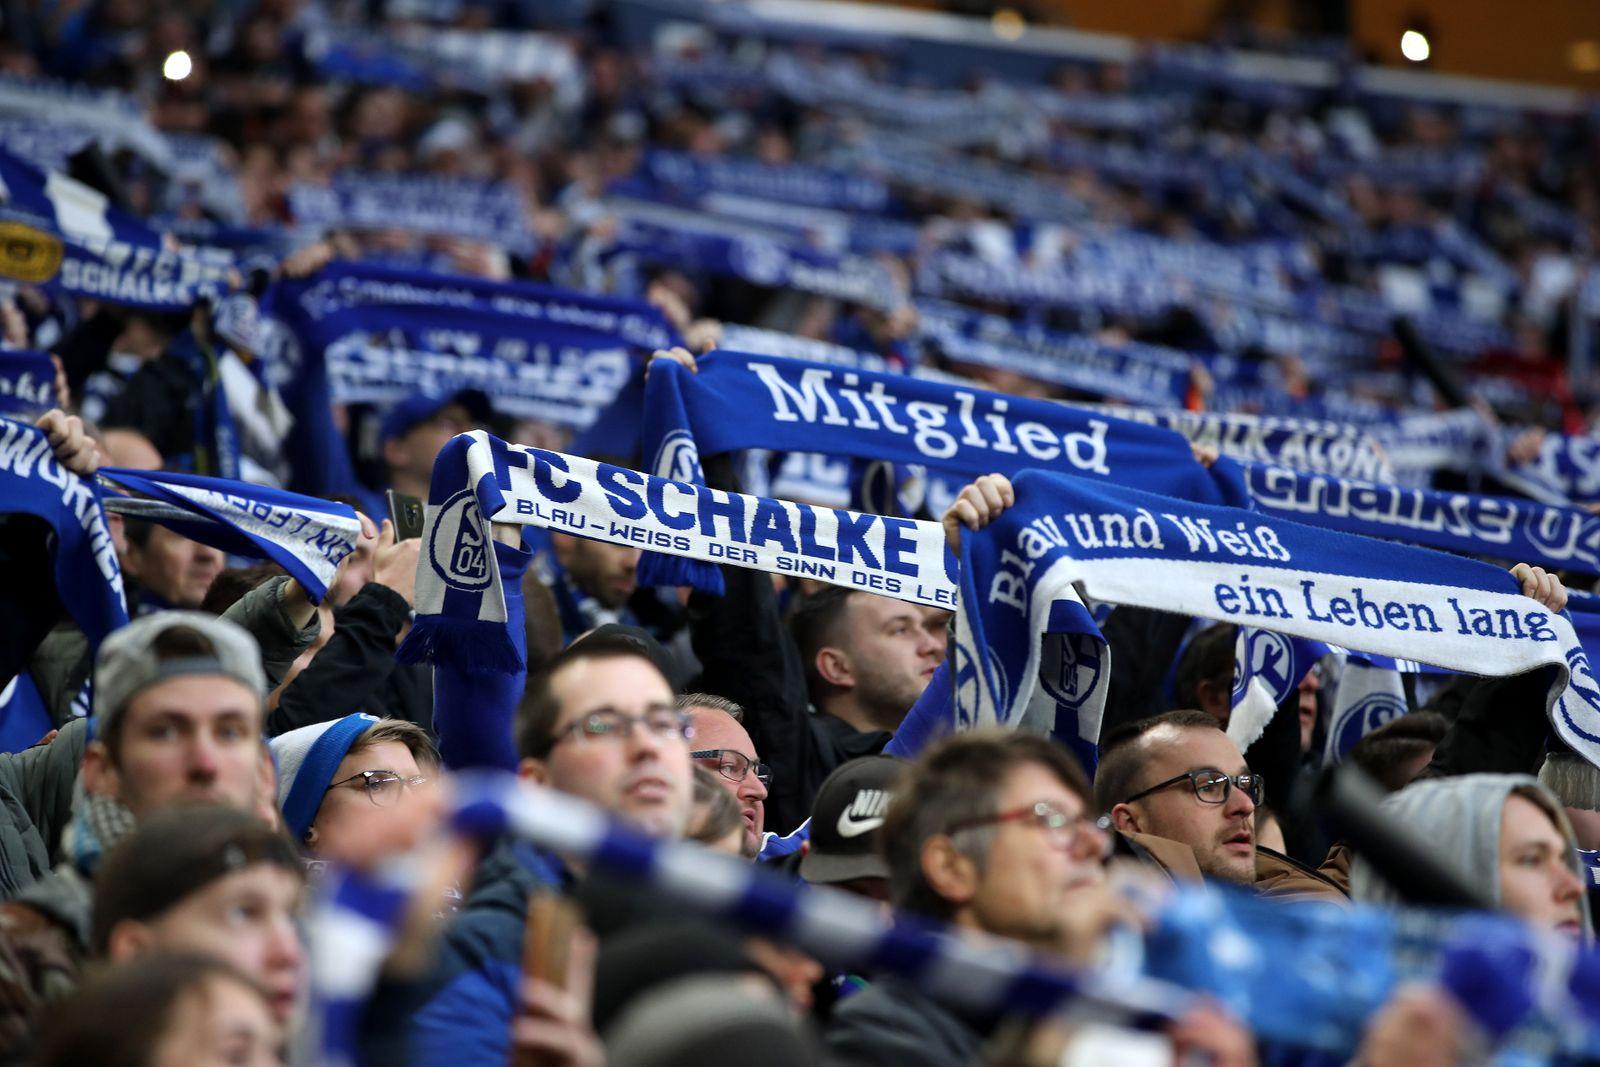 Fans des FC Schalke 04 beim BL-Spiel (Saison 2019/20) FC Schalke 04 - Club Freiburg. Copyright: Thomas Pakusch *** Fans